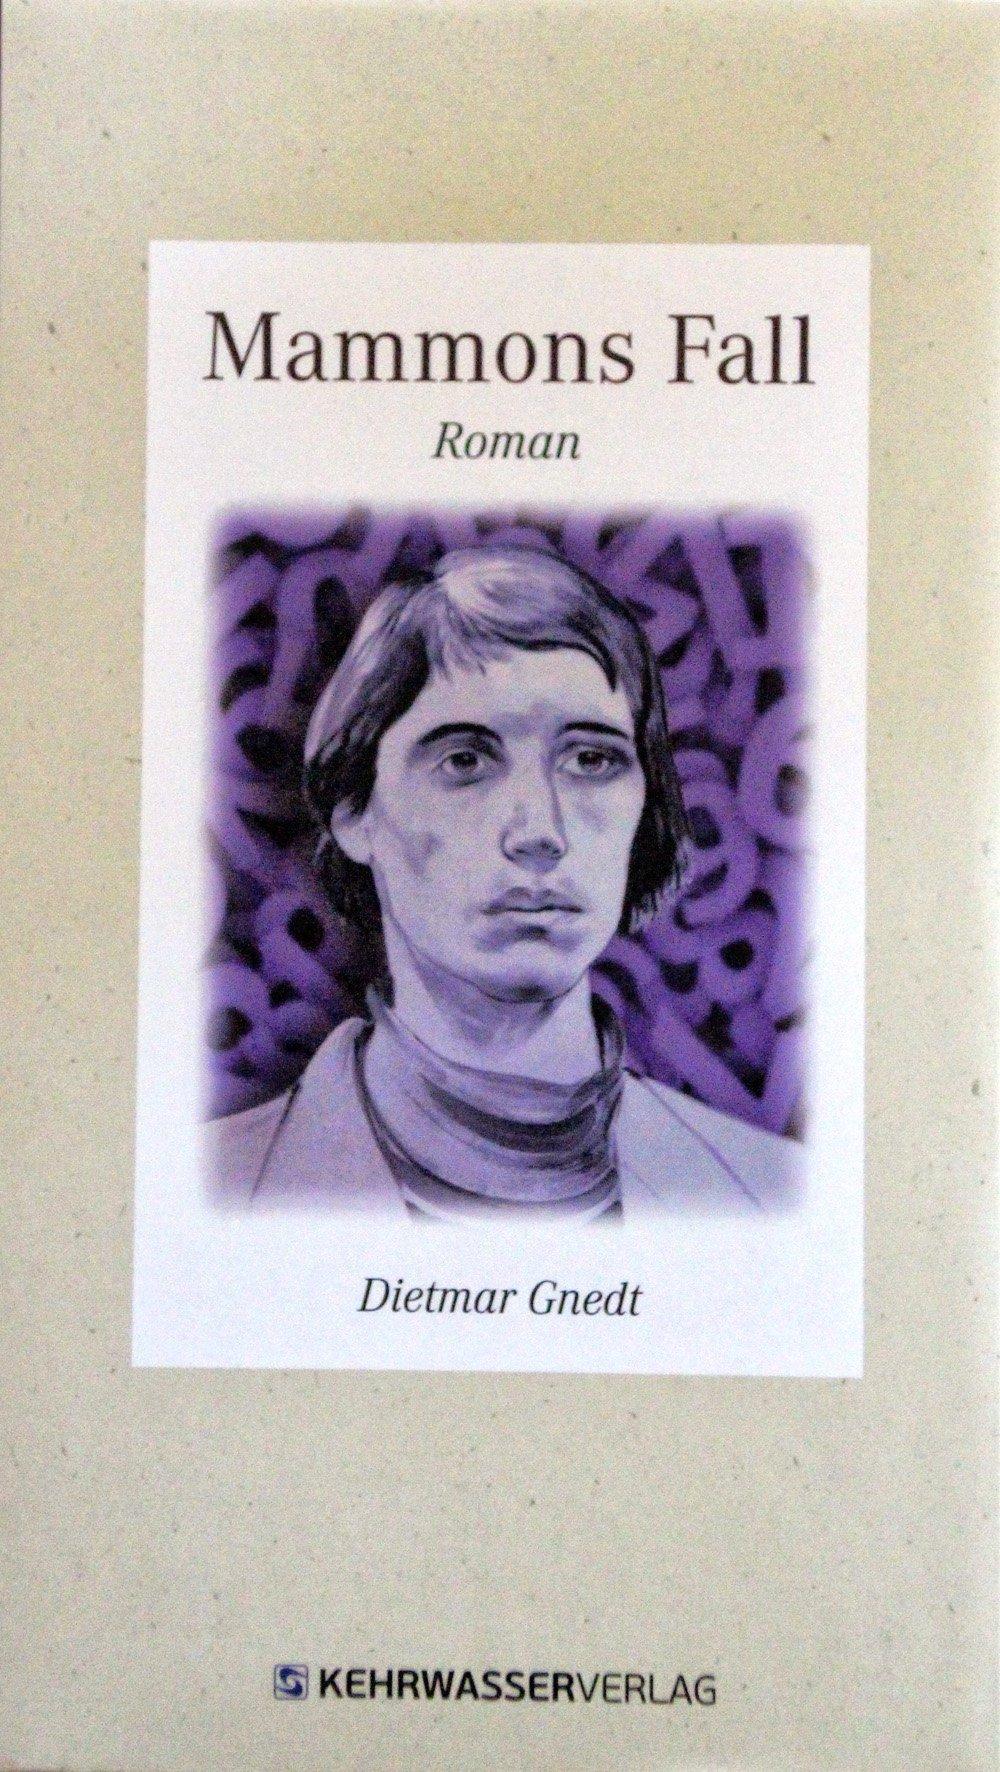 Roman: Mammons Fall